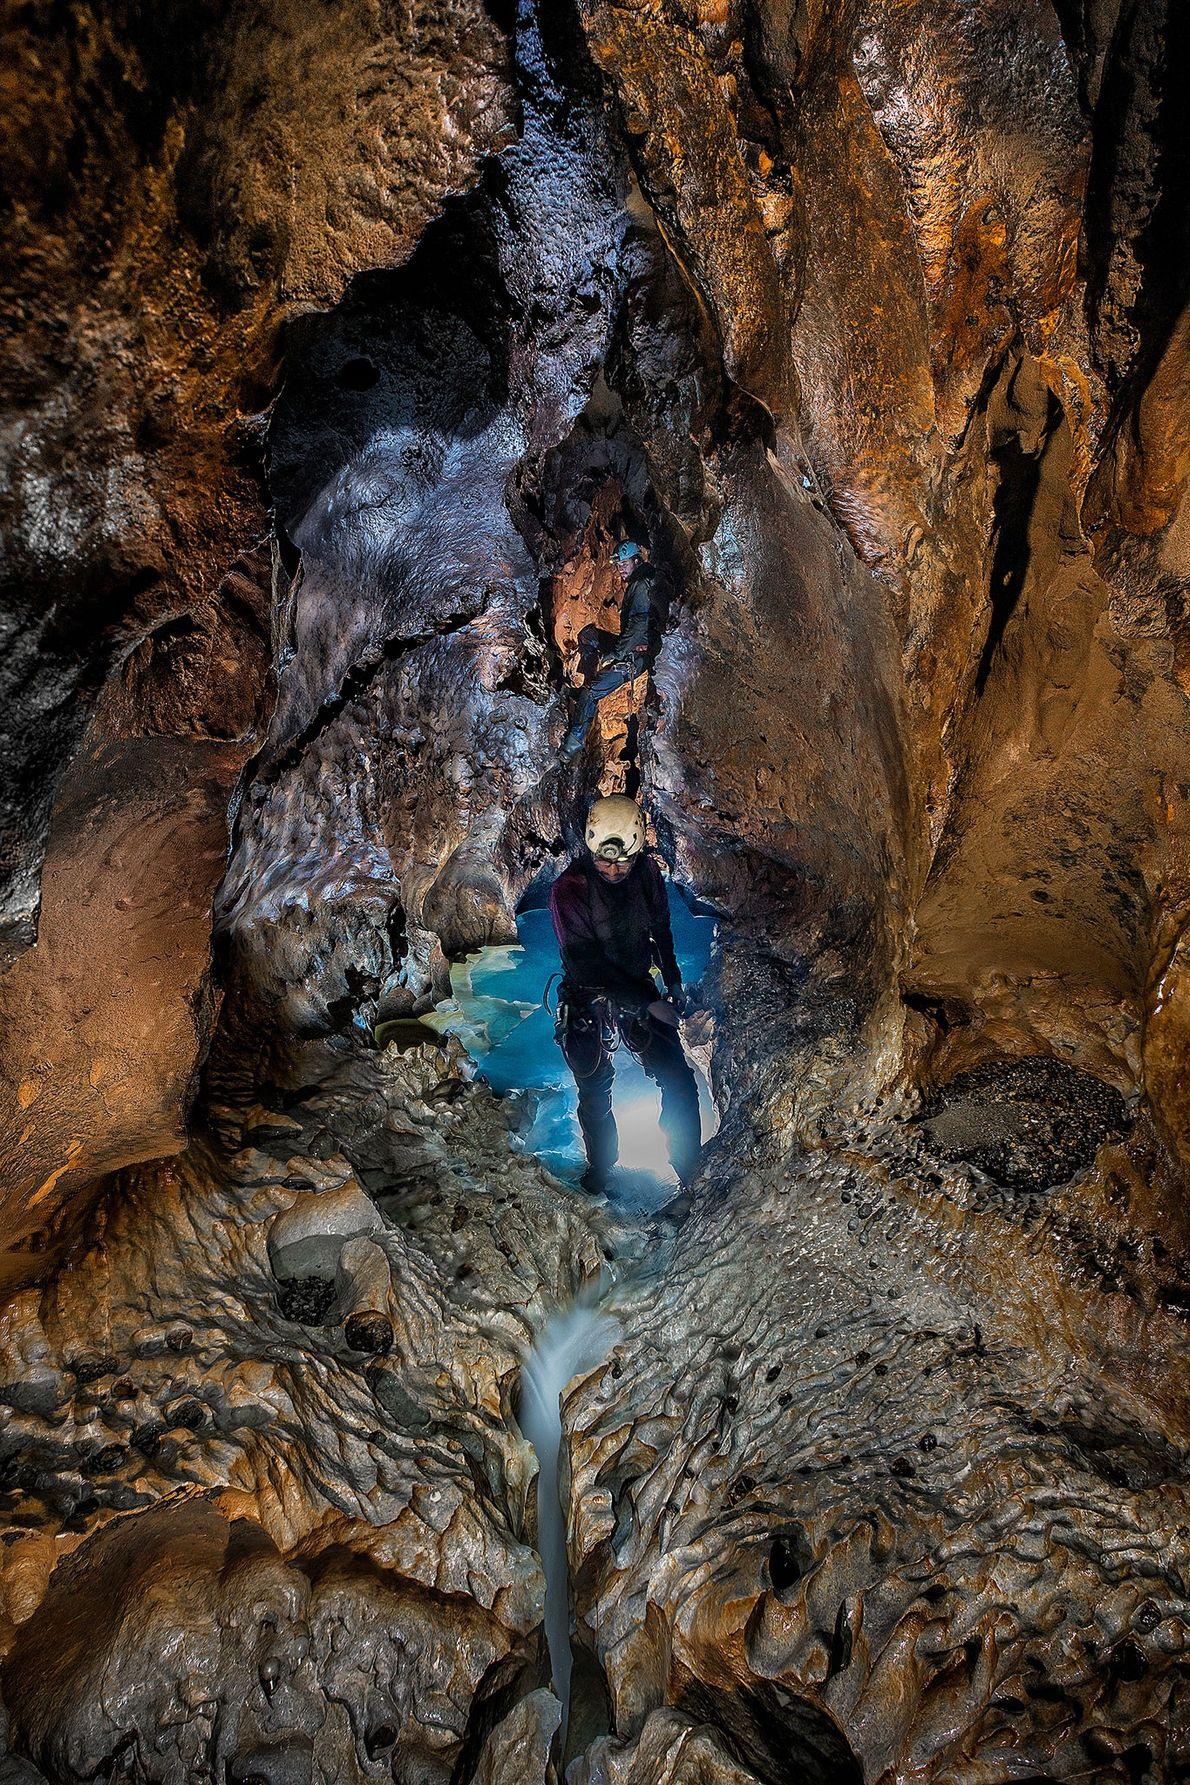 Un miembro de la expedición viaja a través de una parte del Sistema Huautla que se ...